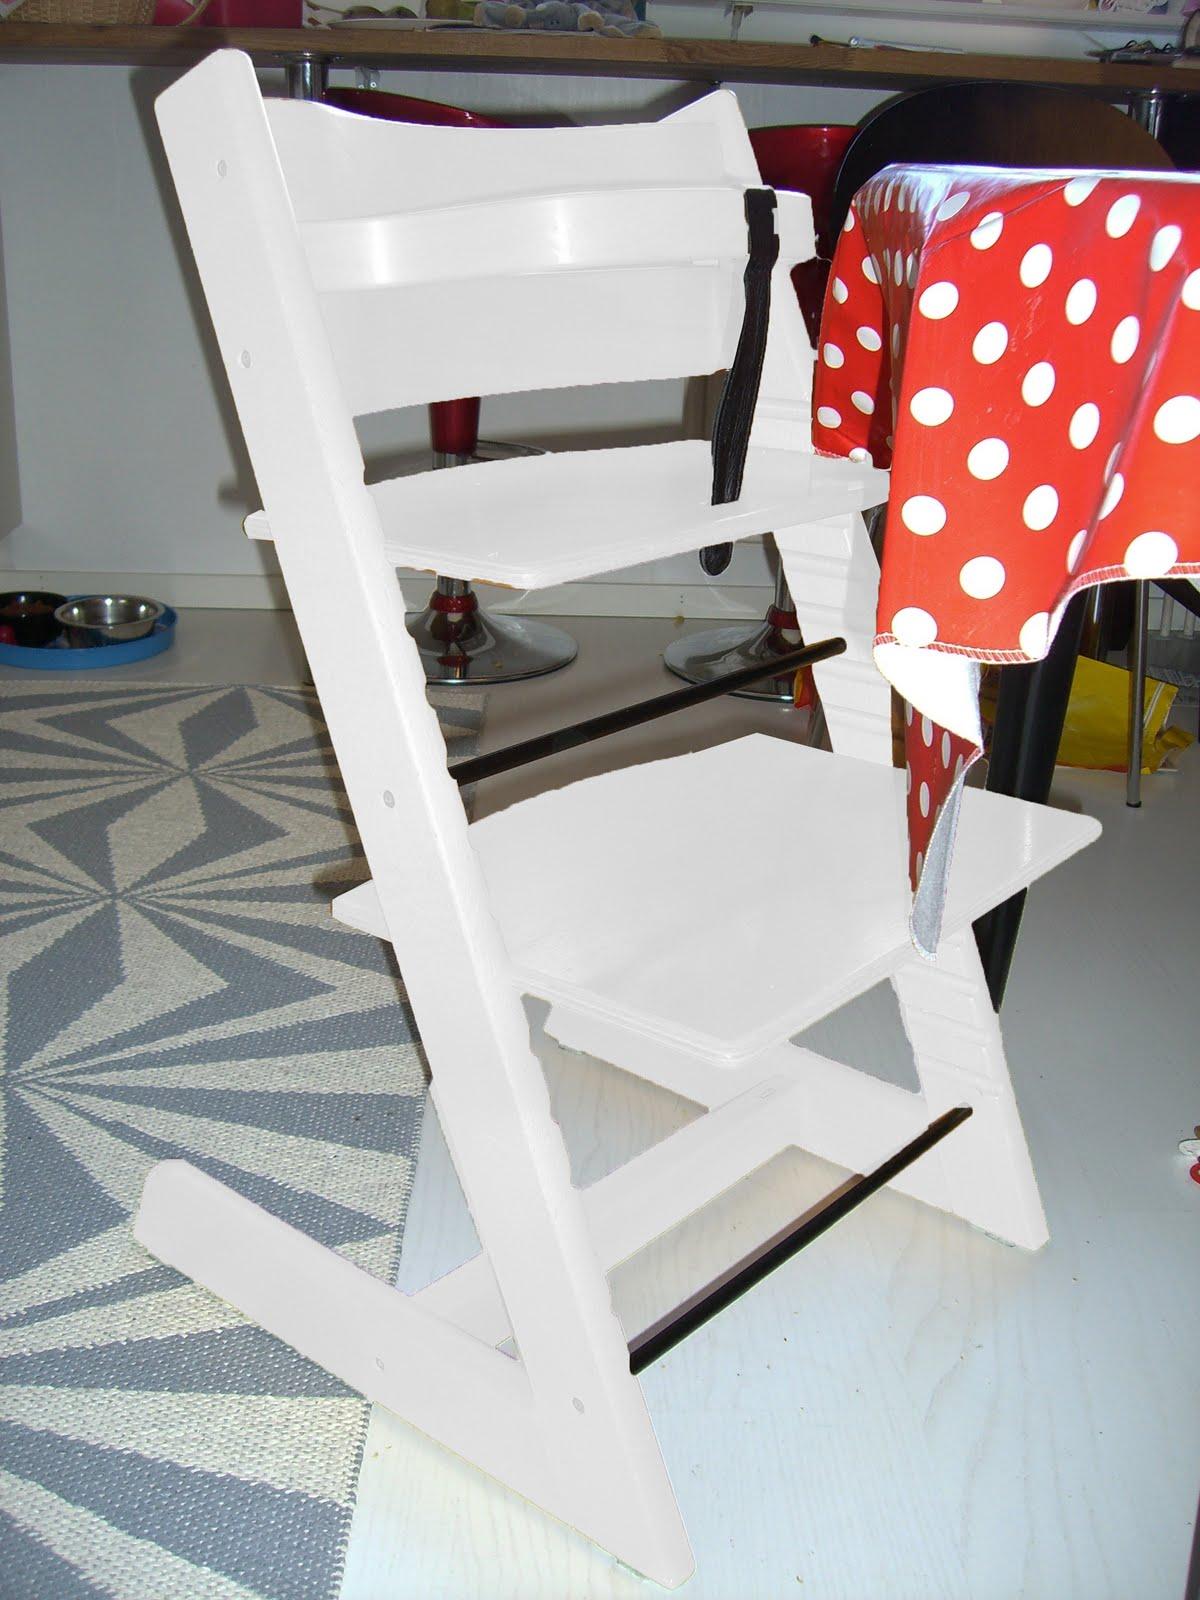 hemma hos mamma emma: tripp trapp från stokke